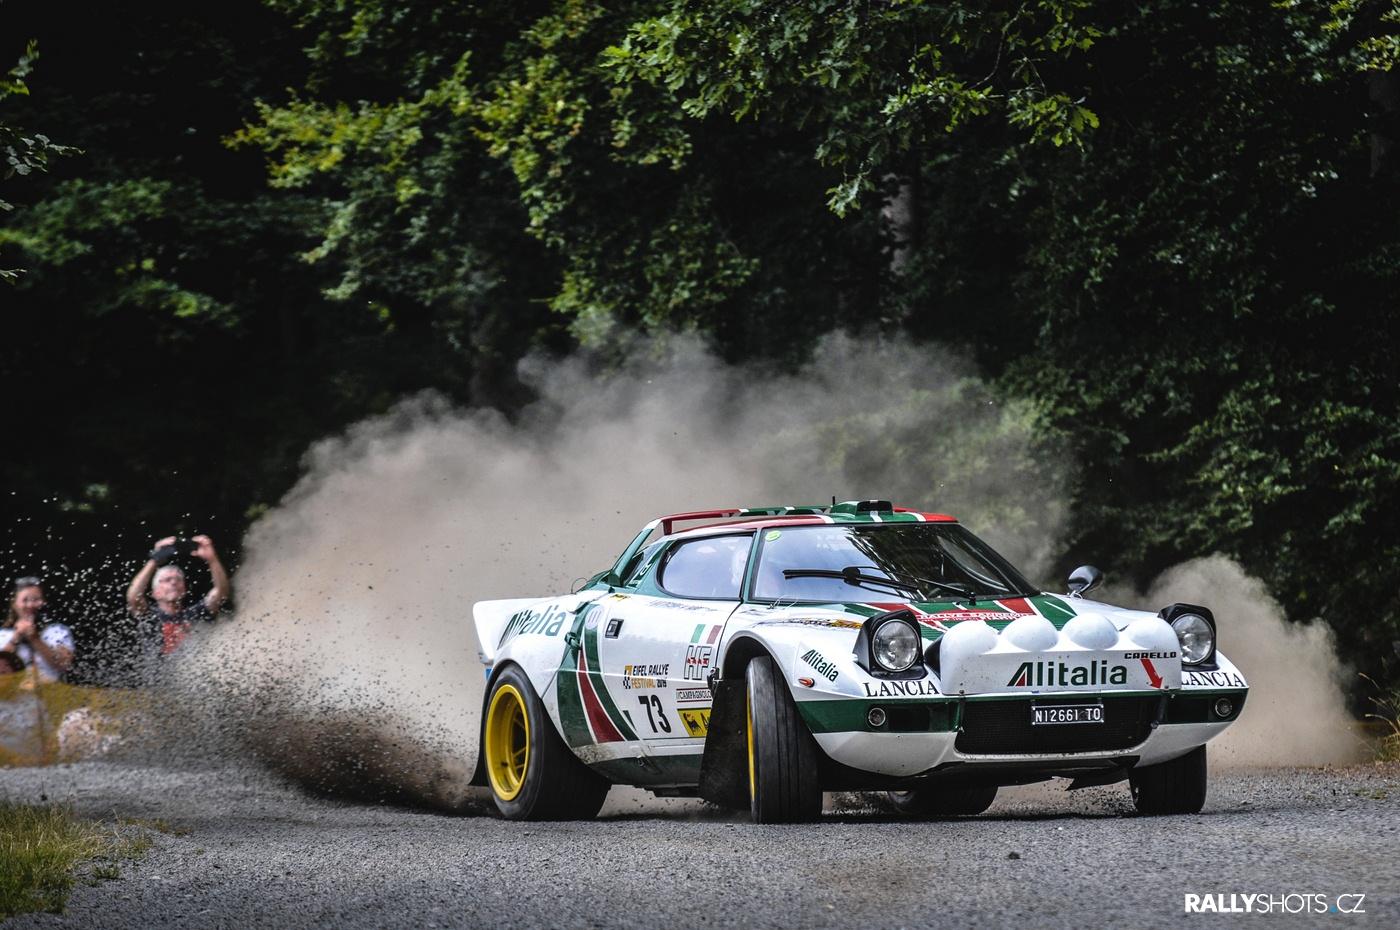 Eifel Rallye Festival 2019 Lancia Stratos